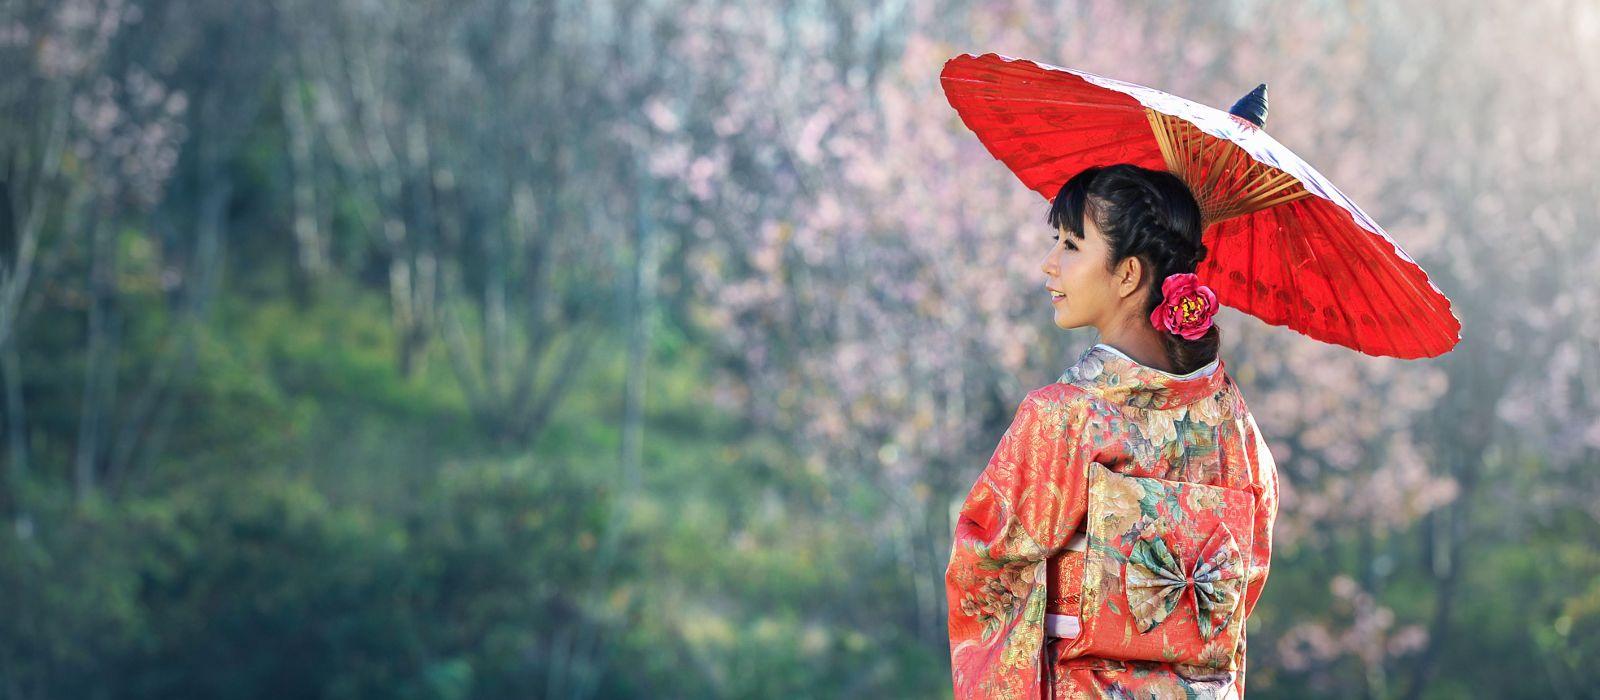 Гранд-тур по Японии на цветение сакуры (10 дней/9 ночей )